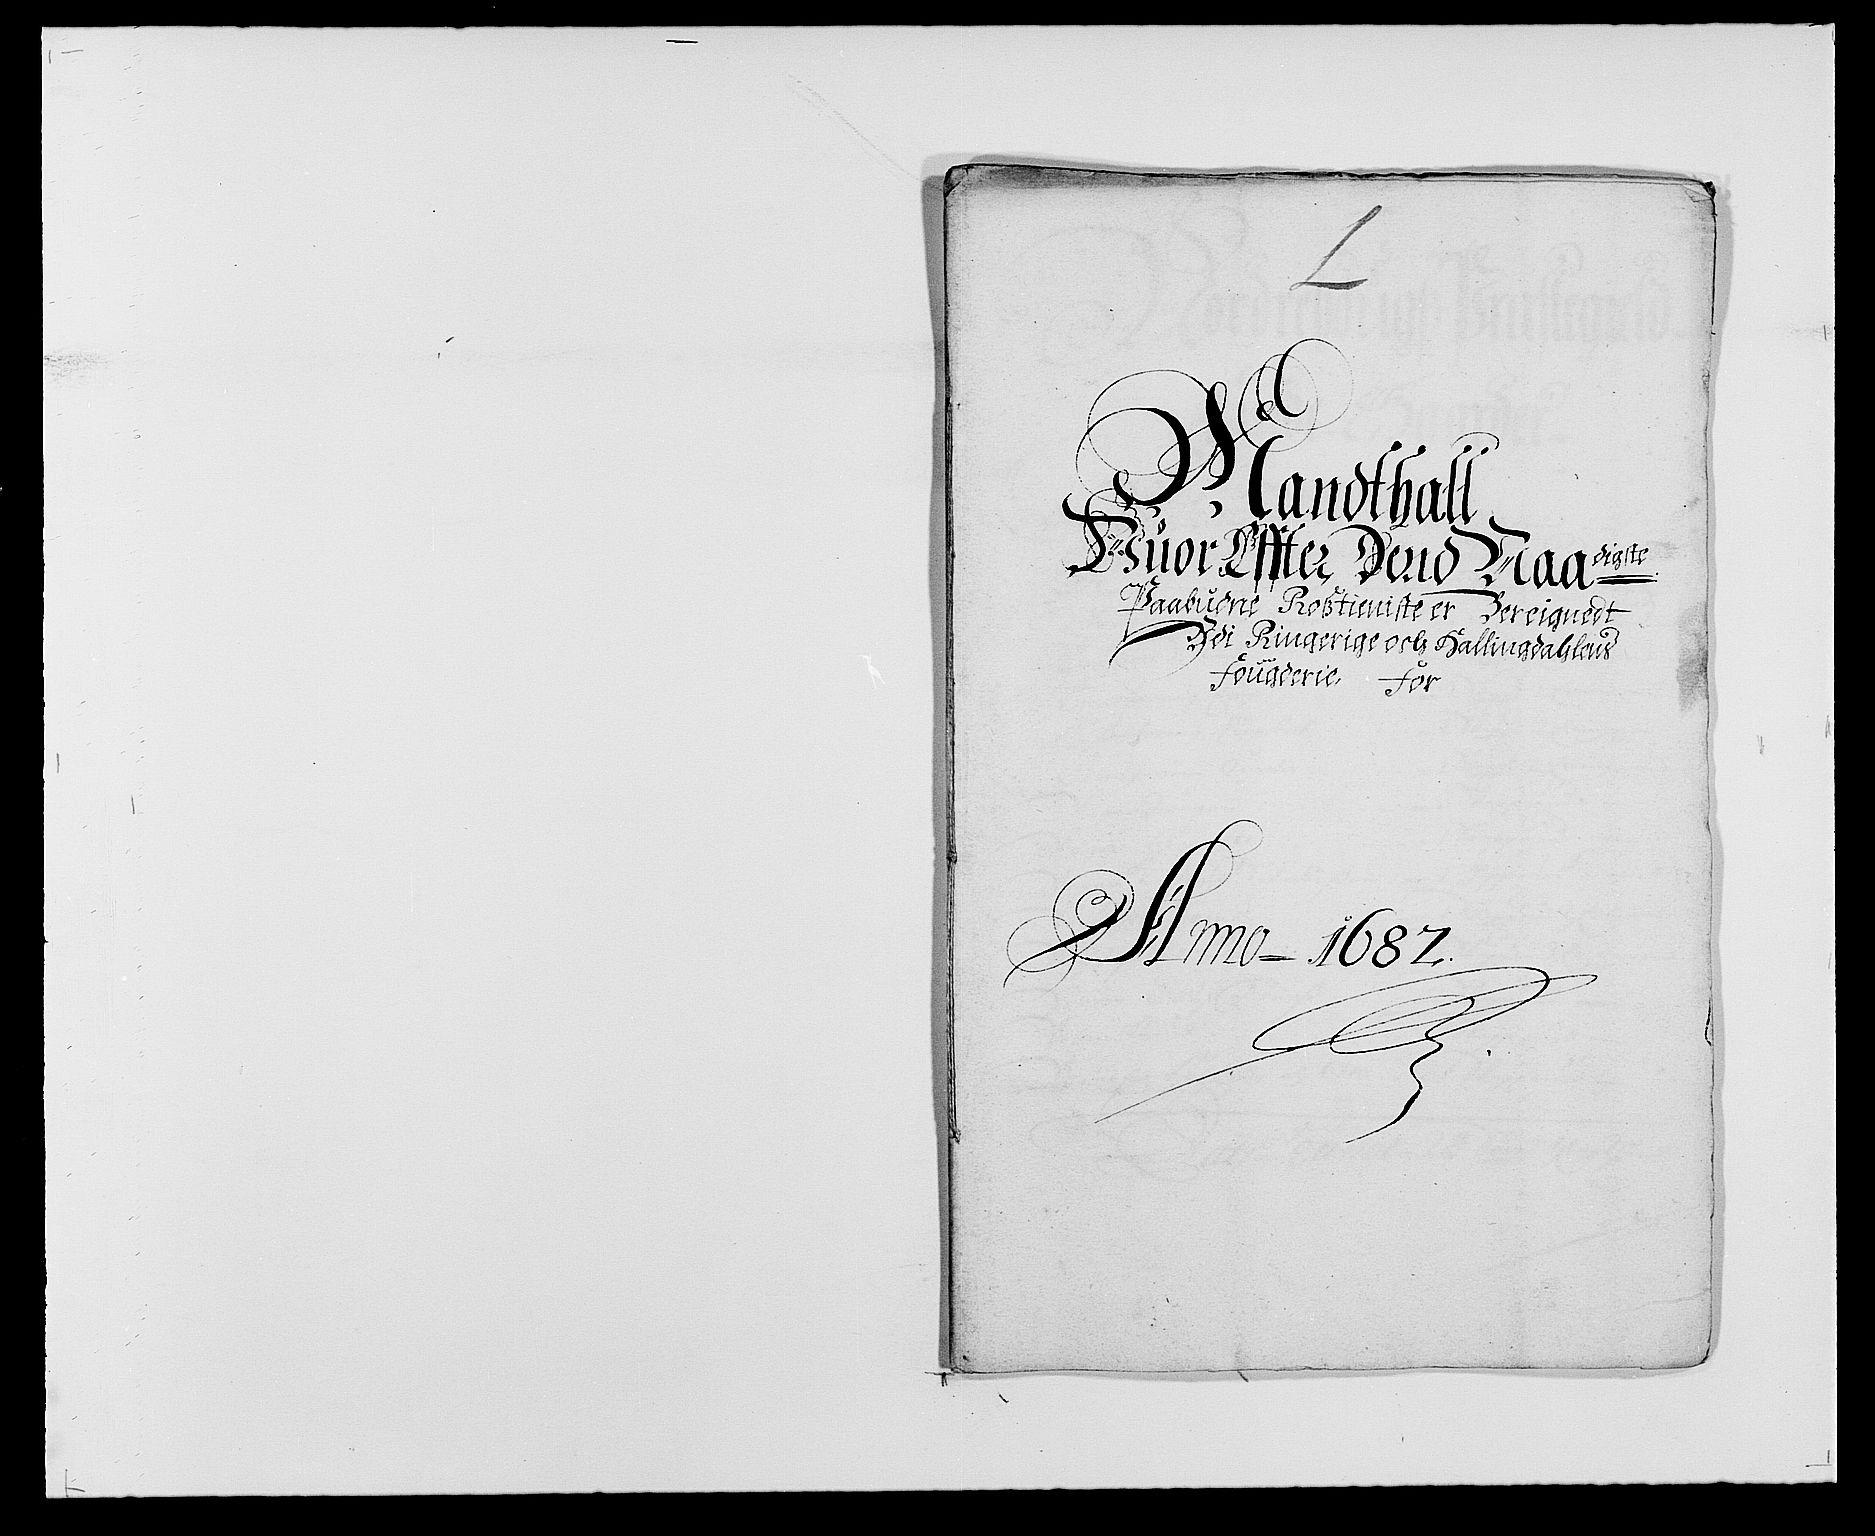 RA, Rentekammeret inntil 1814, Reviderte regnskaper, Fogderegnskap, R21/L1445: Fogderegnskap Ringerike og Hallingdal, 1681-1689, s. 397